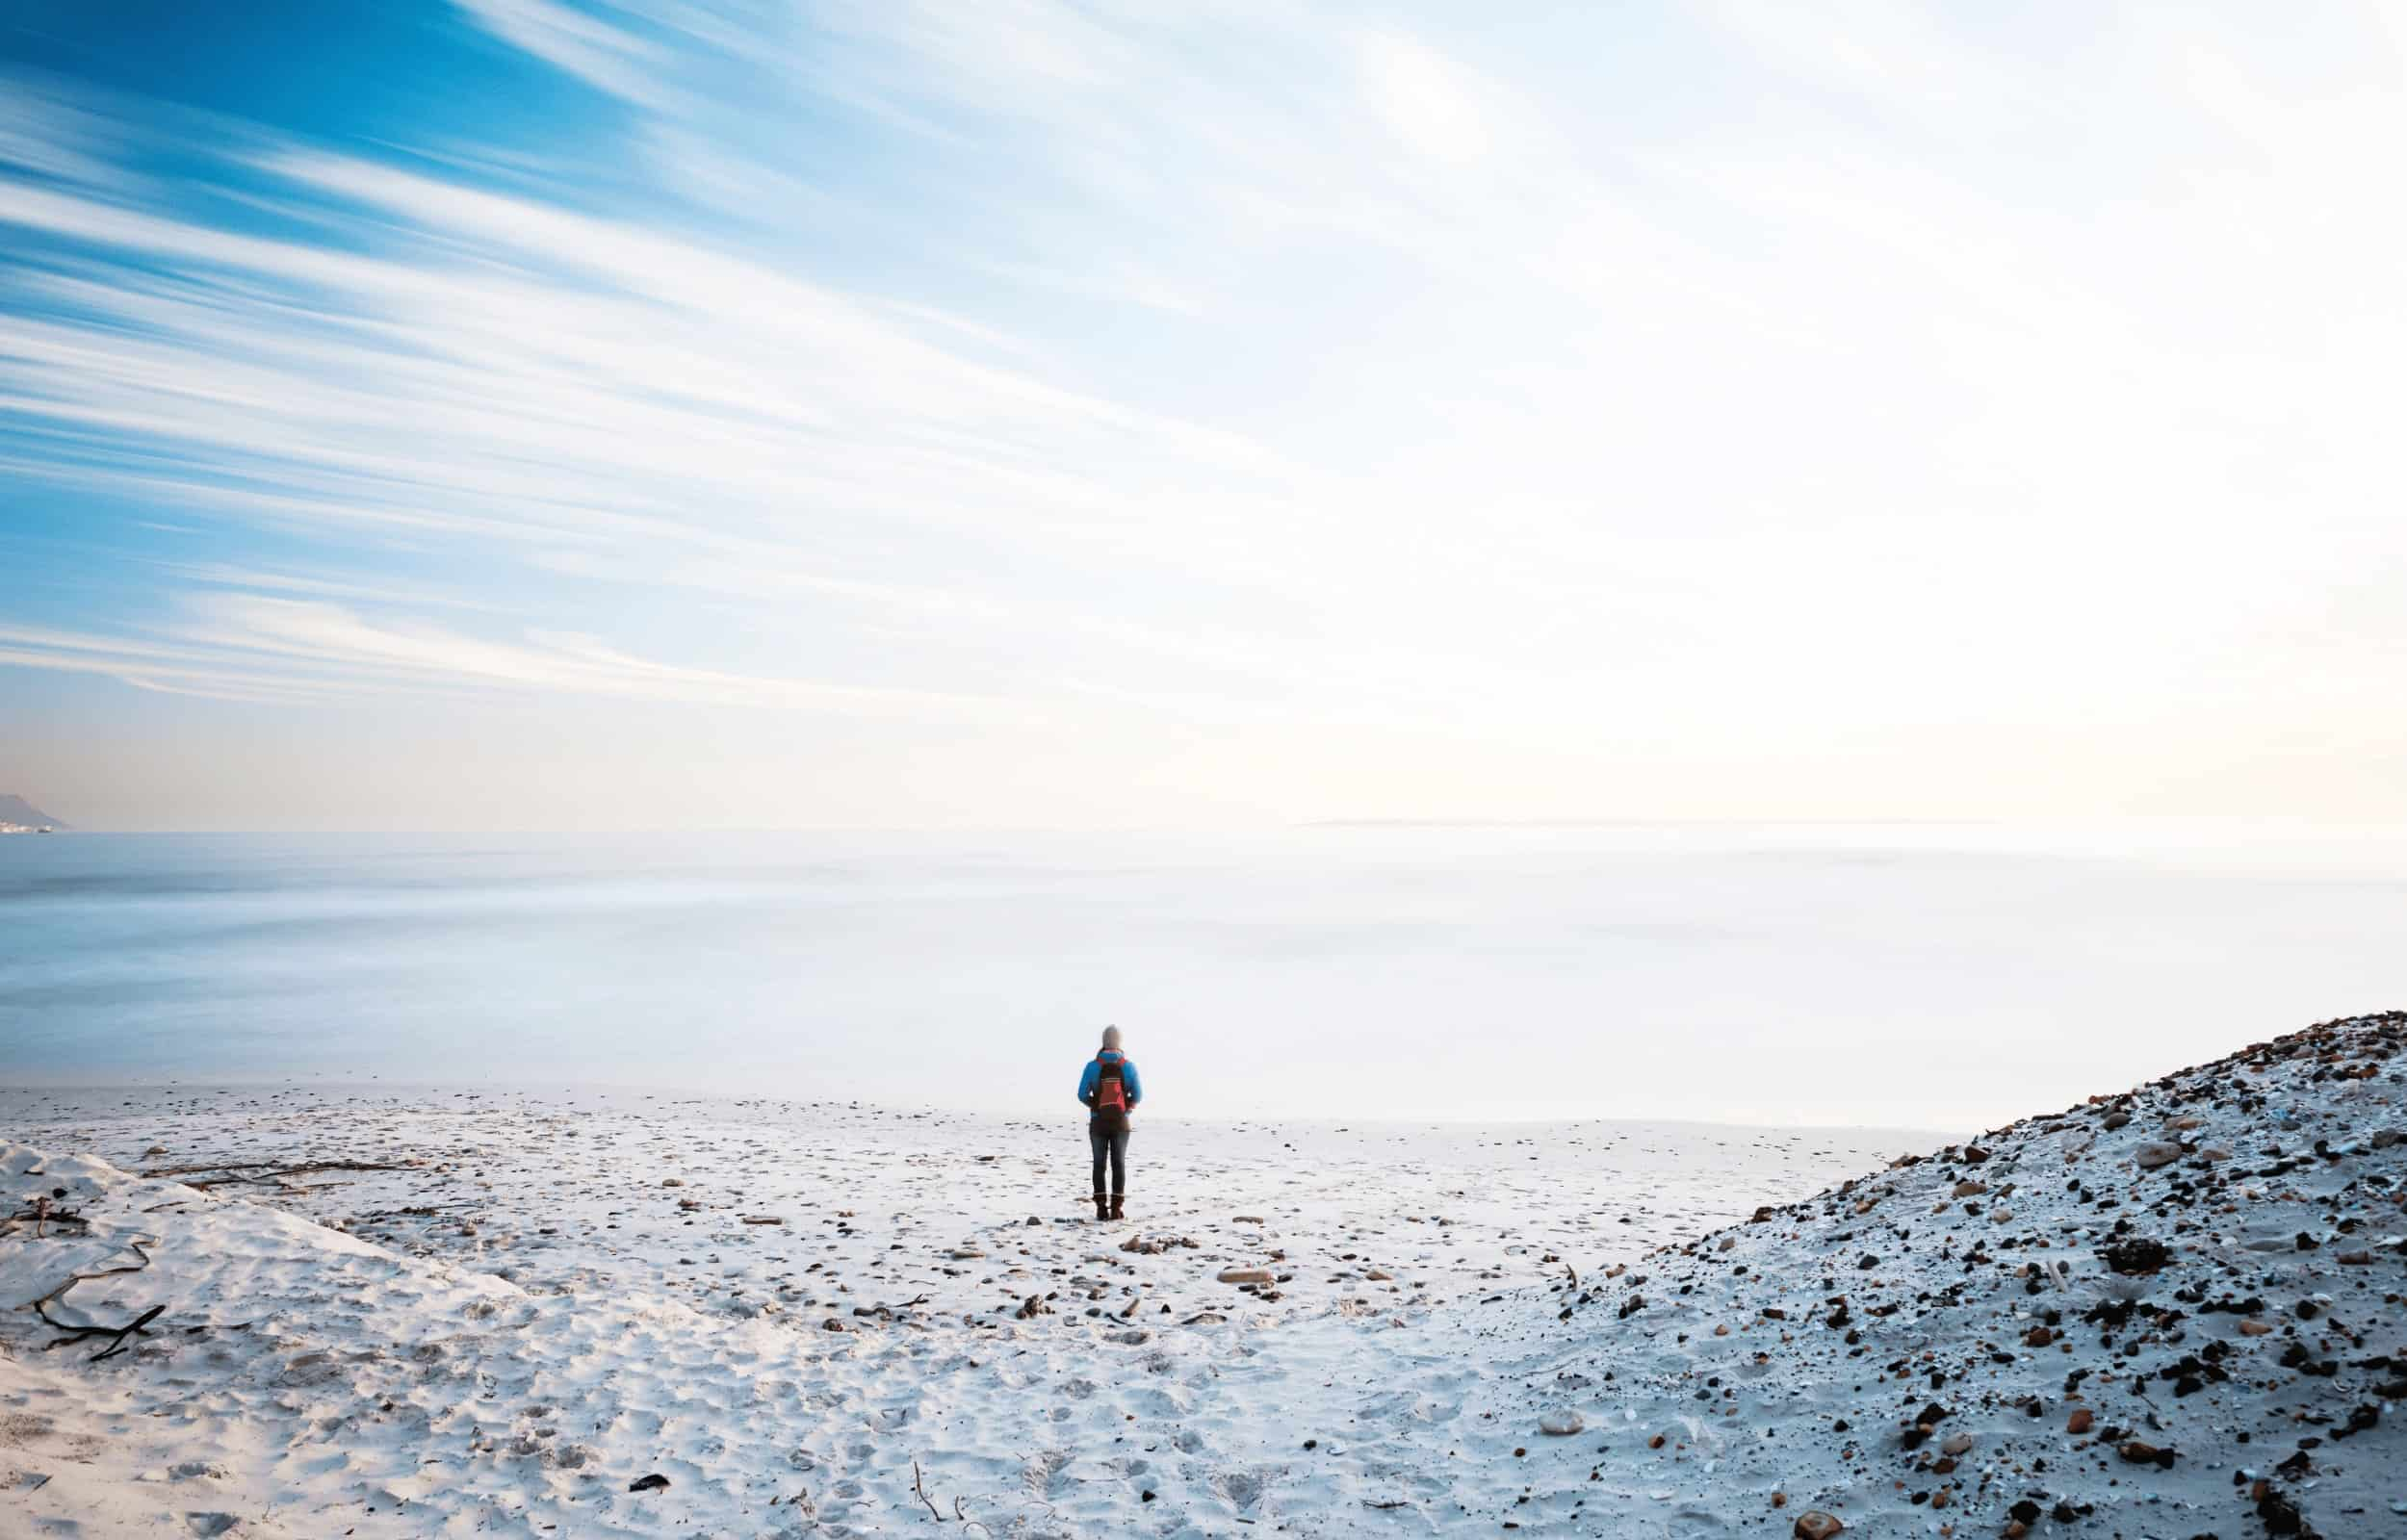 hiking alone beach solo hiker blue sky